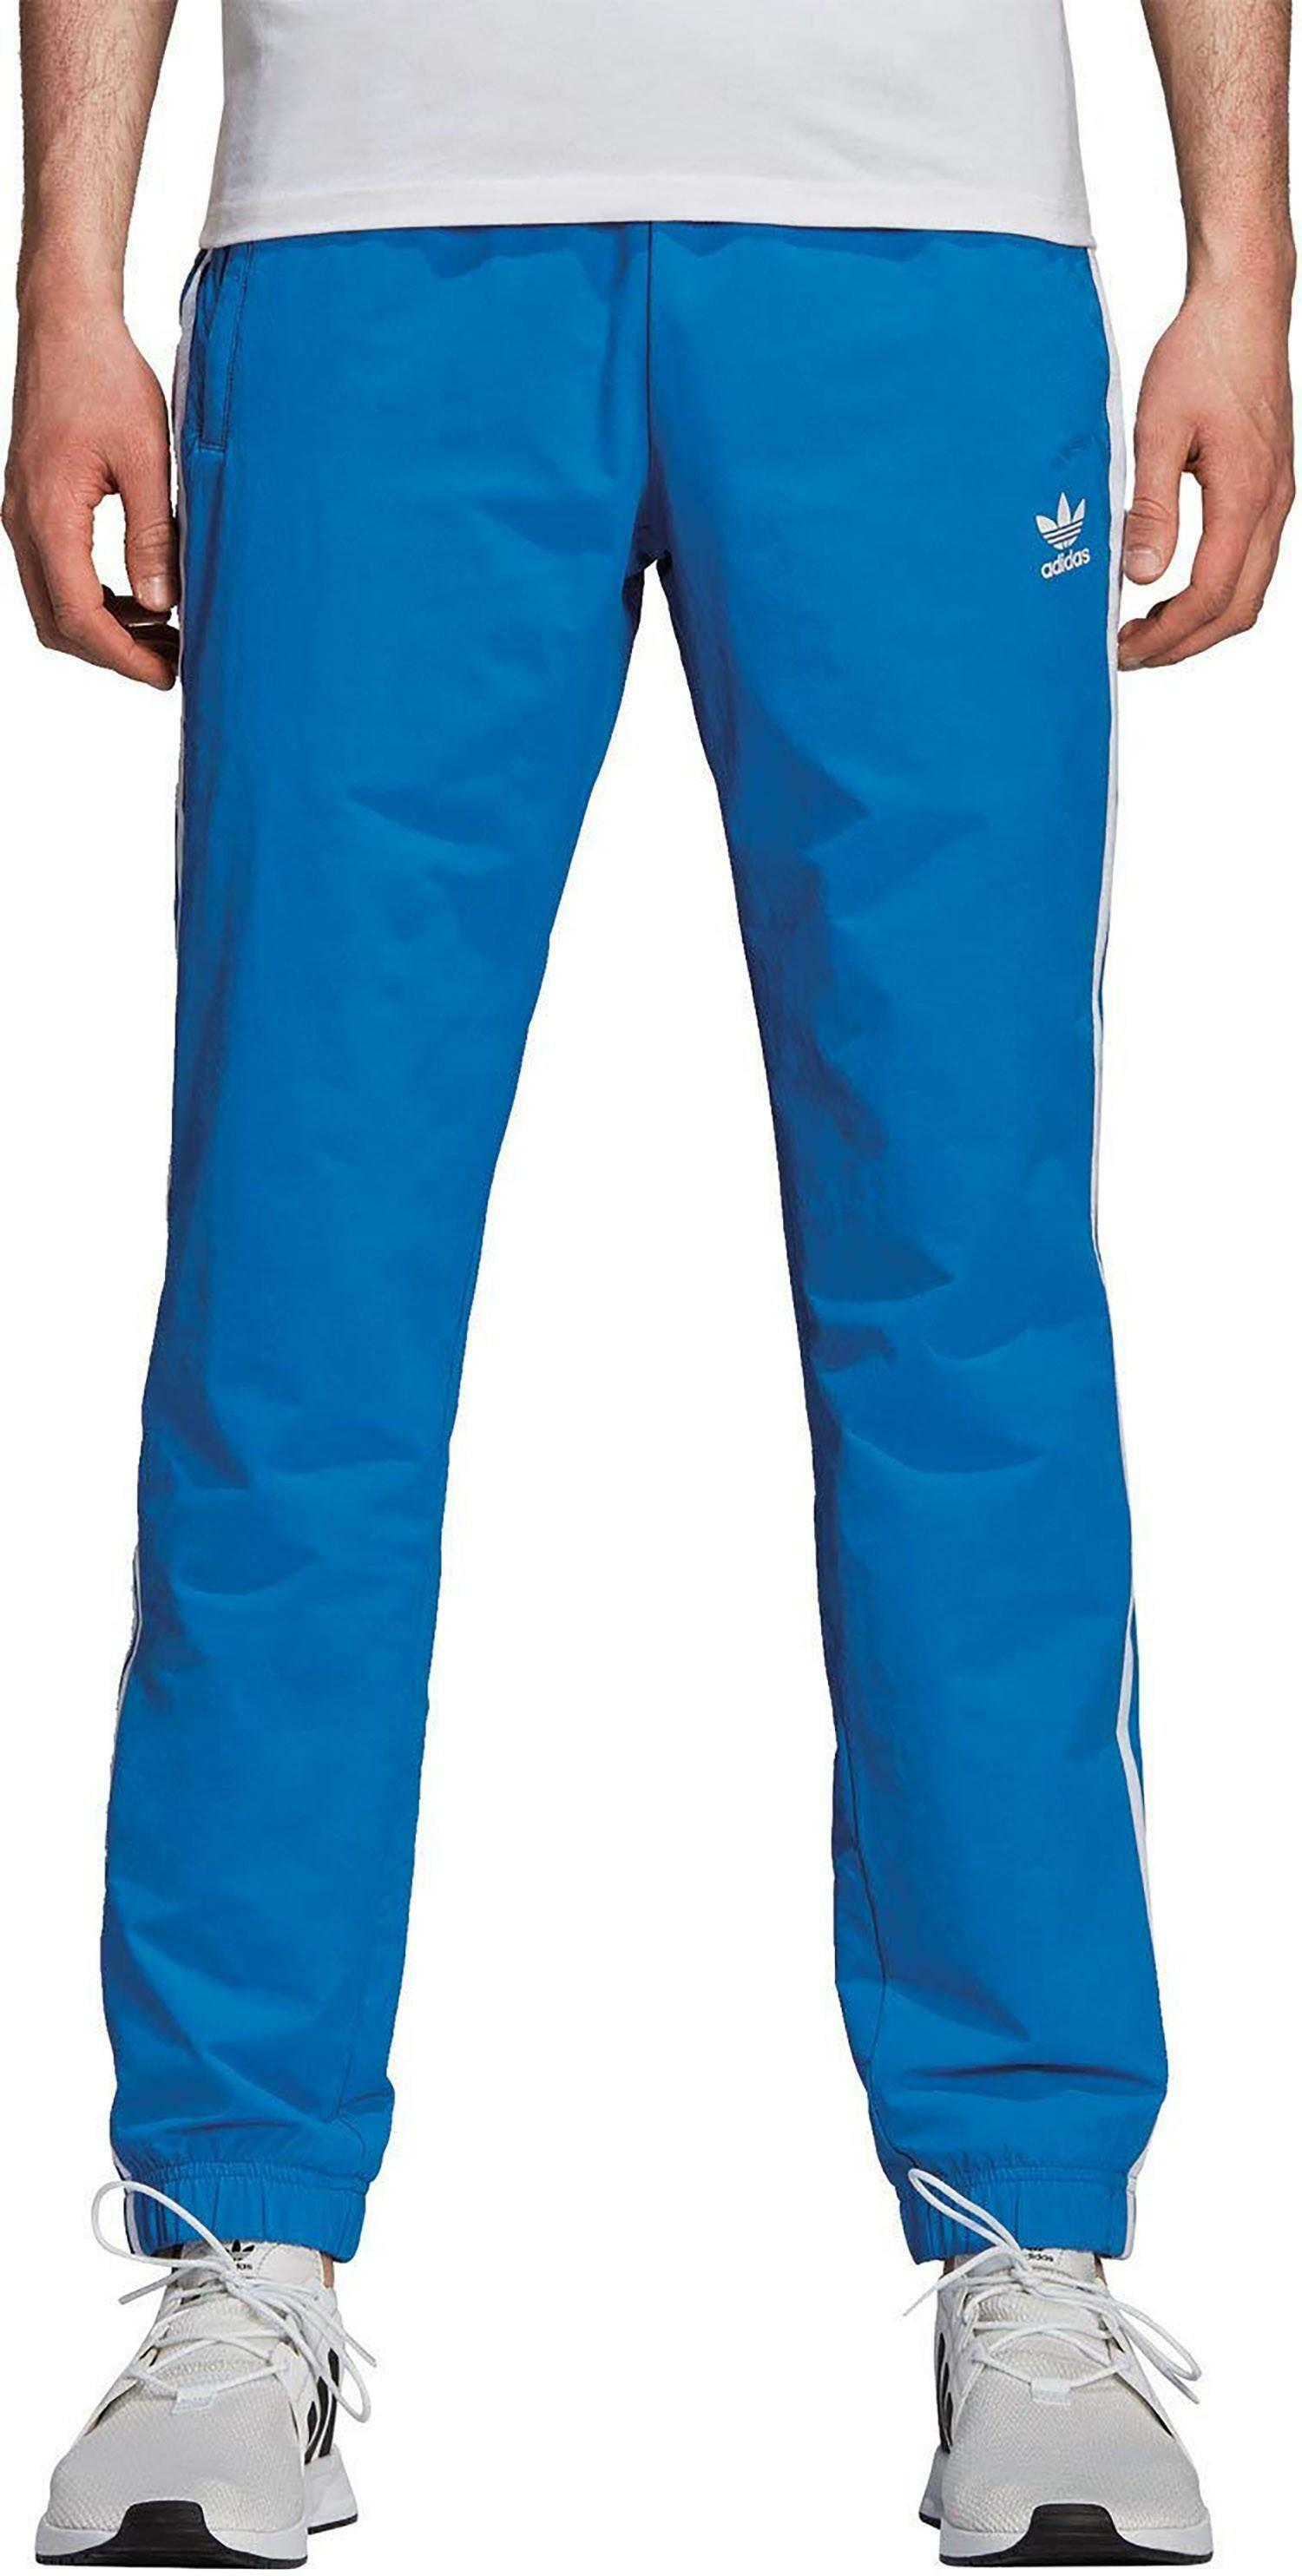 874c73d4b5 Dettagli su Adidas Warm-up Tp Pantaloni Tuta Uomo Blu DH5765